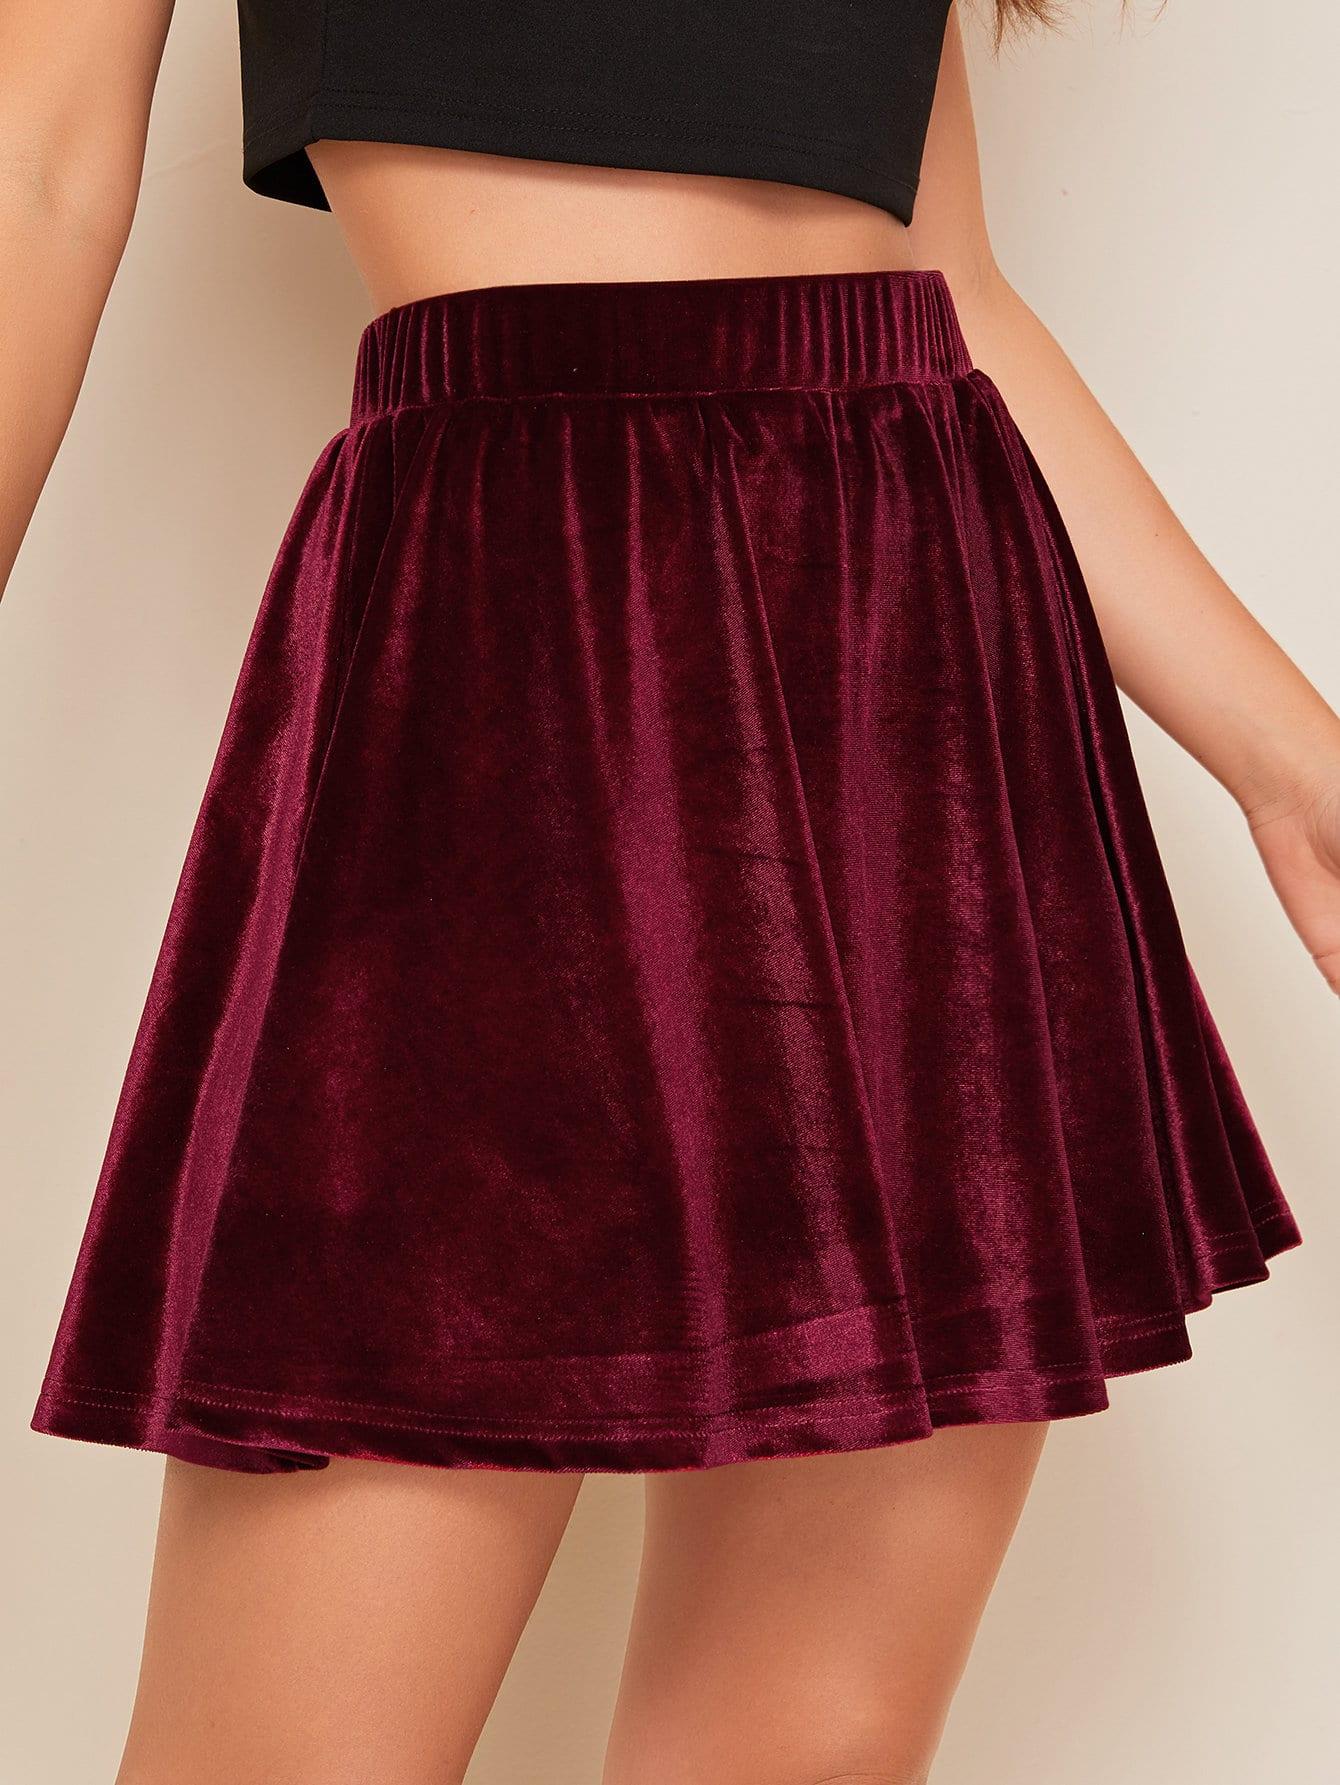 Фото - Бархатная юбка с эластичной талией от SheIn бордового цвета